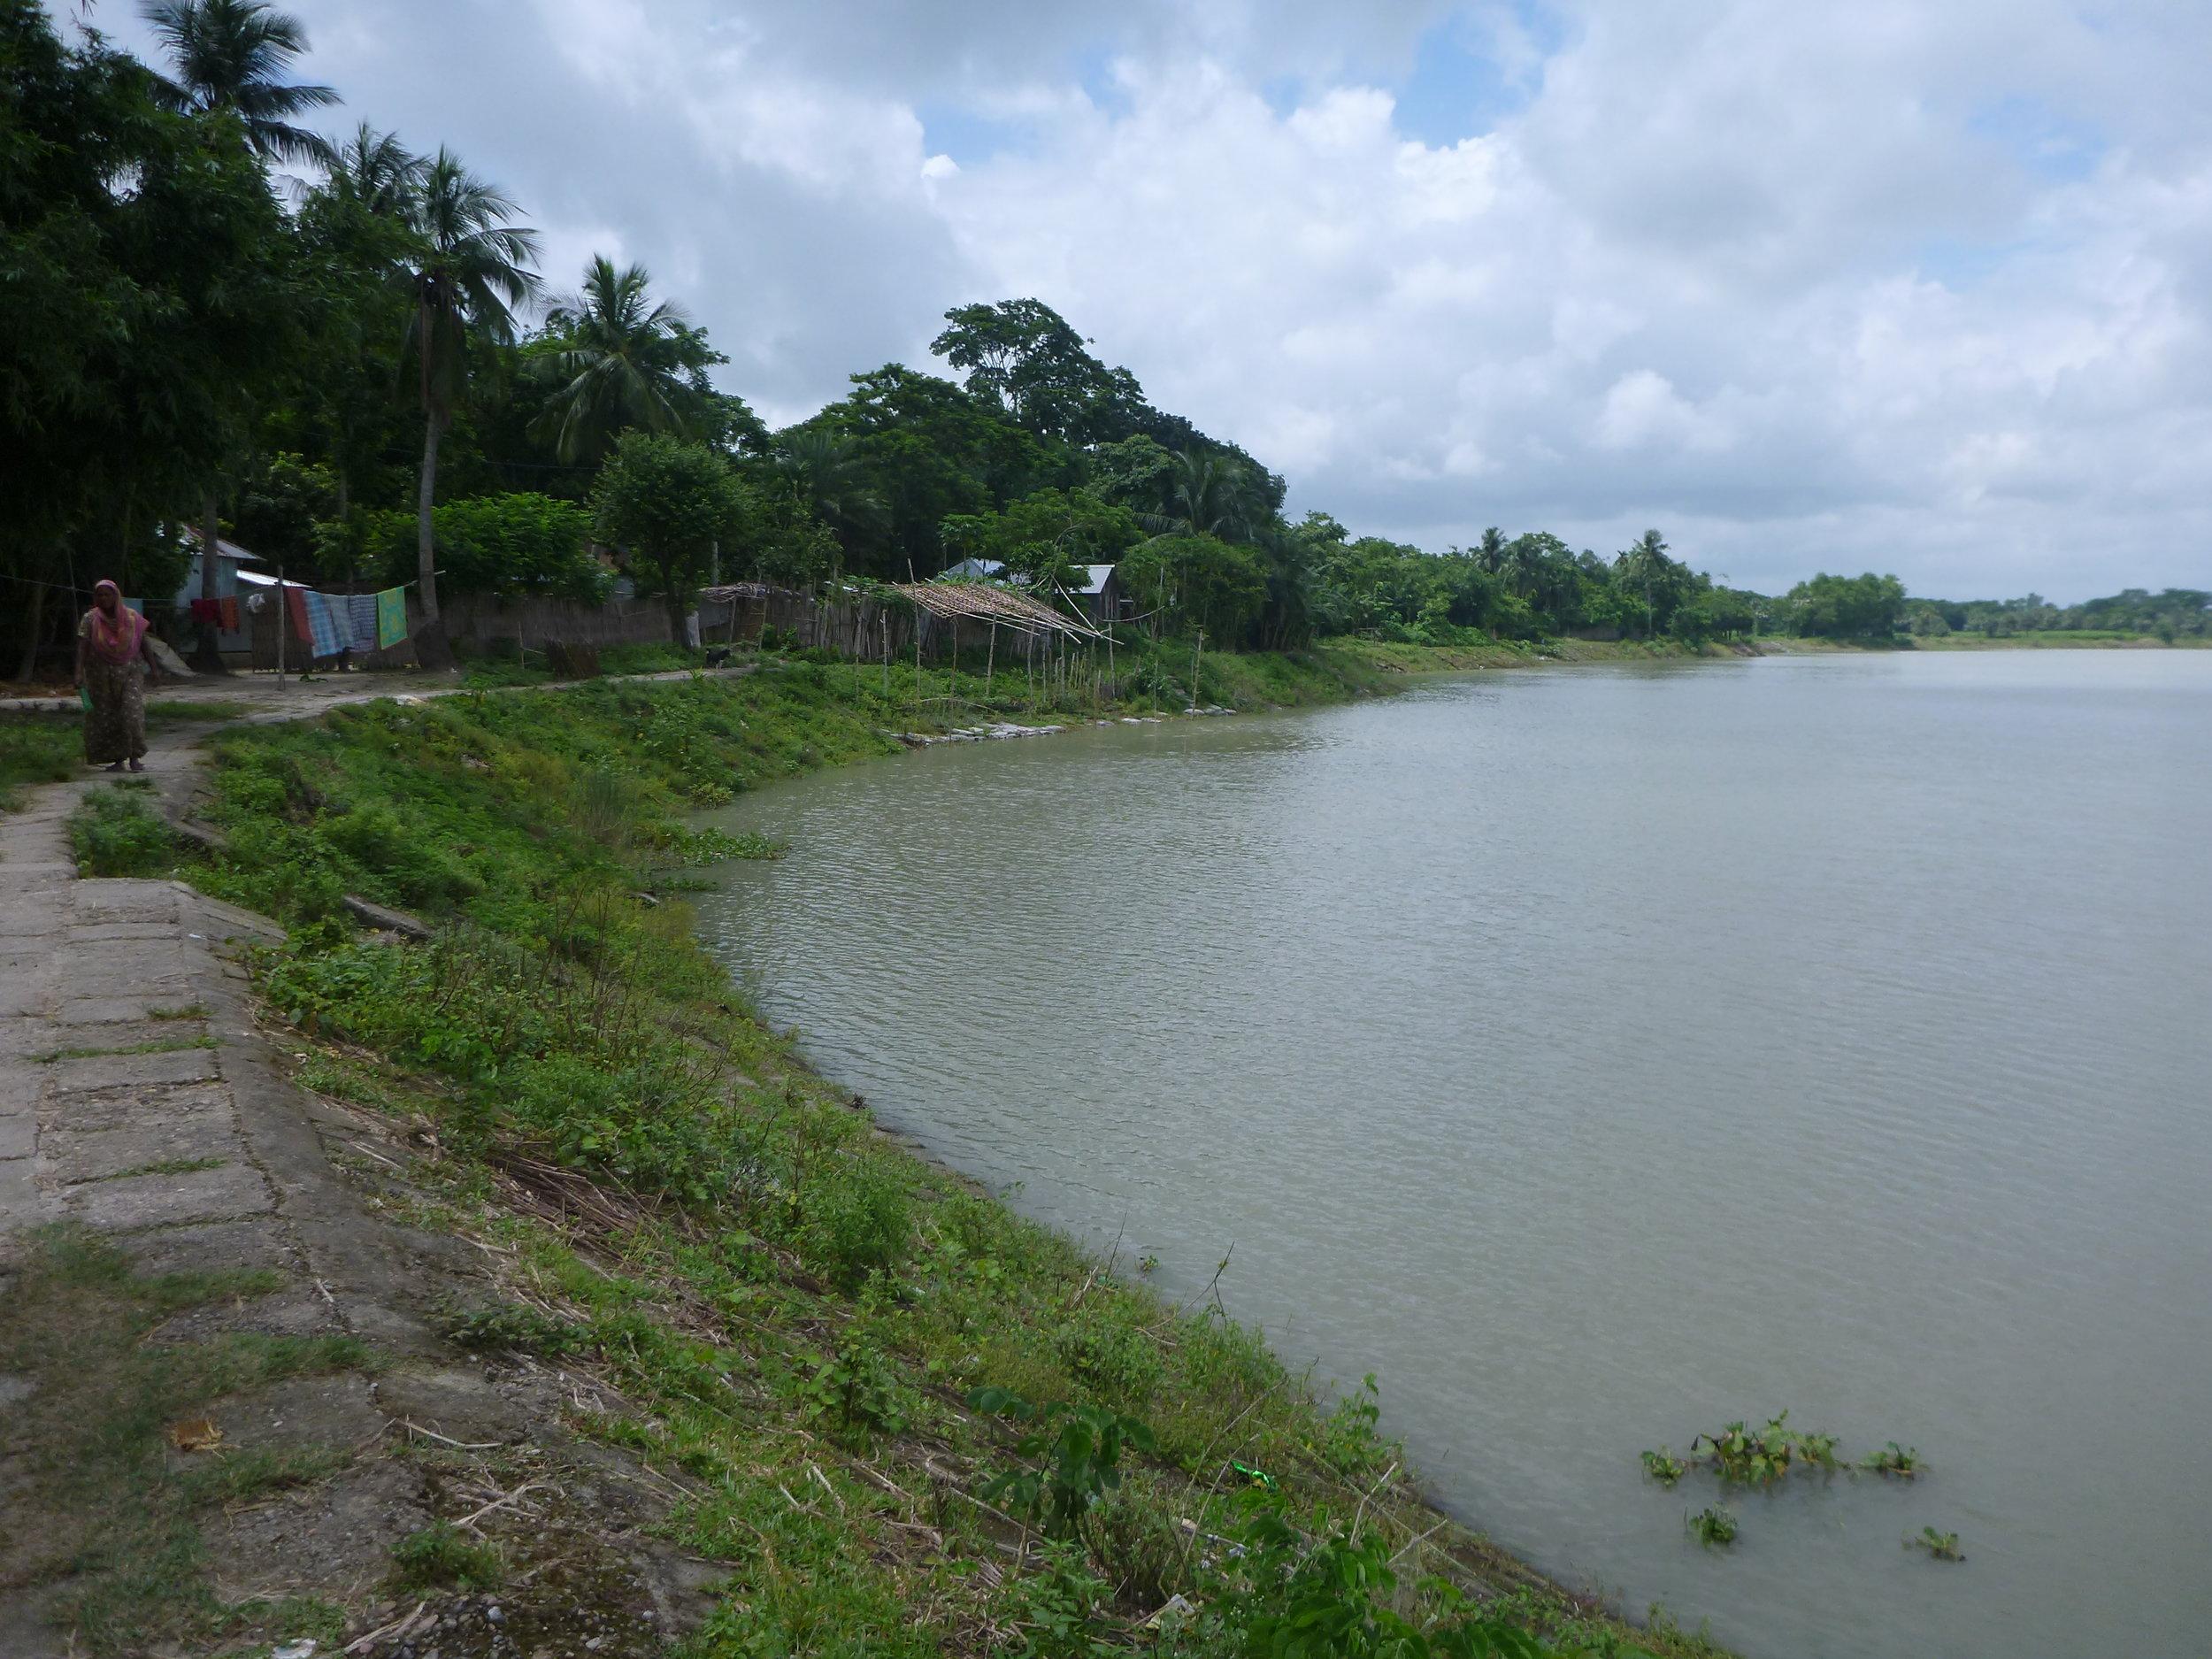 Life in the Ganges-Brahmaputra Delta. Credit: Dr. Carol Wilson.